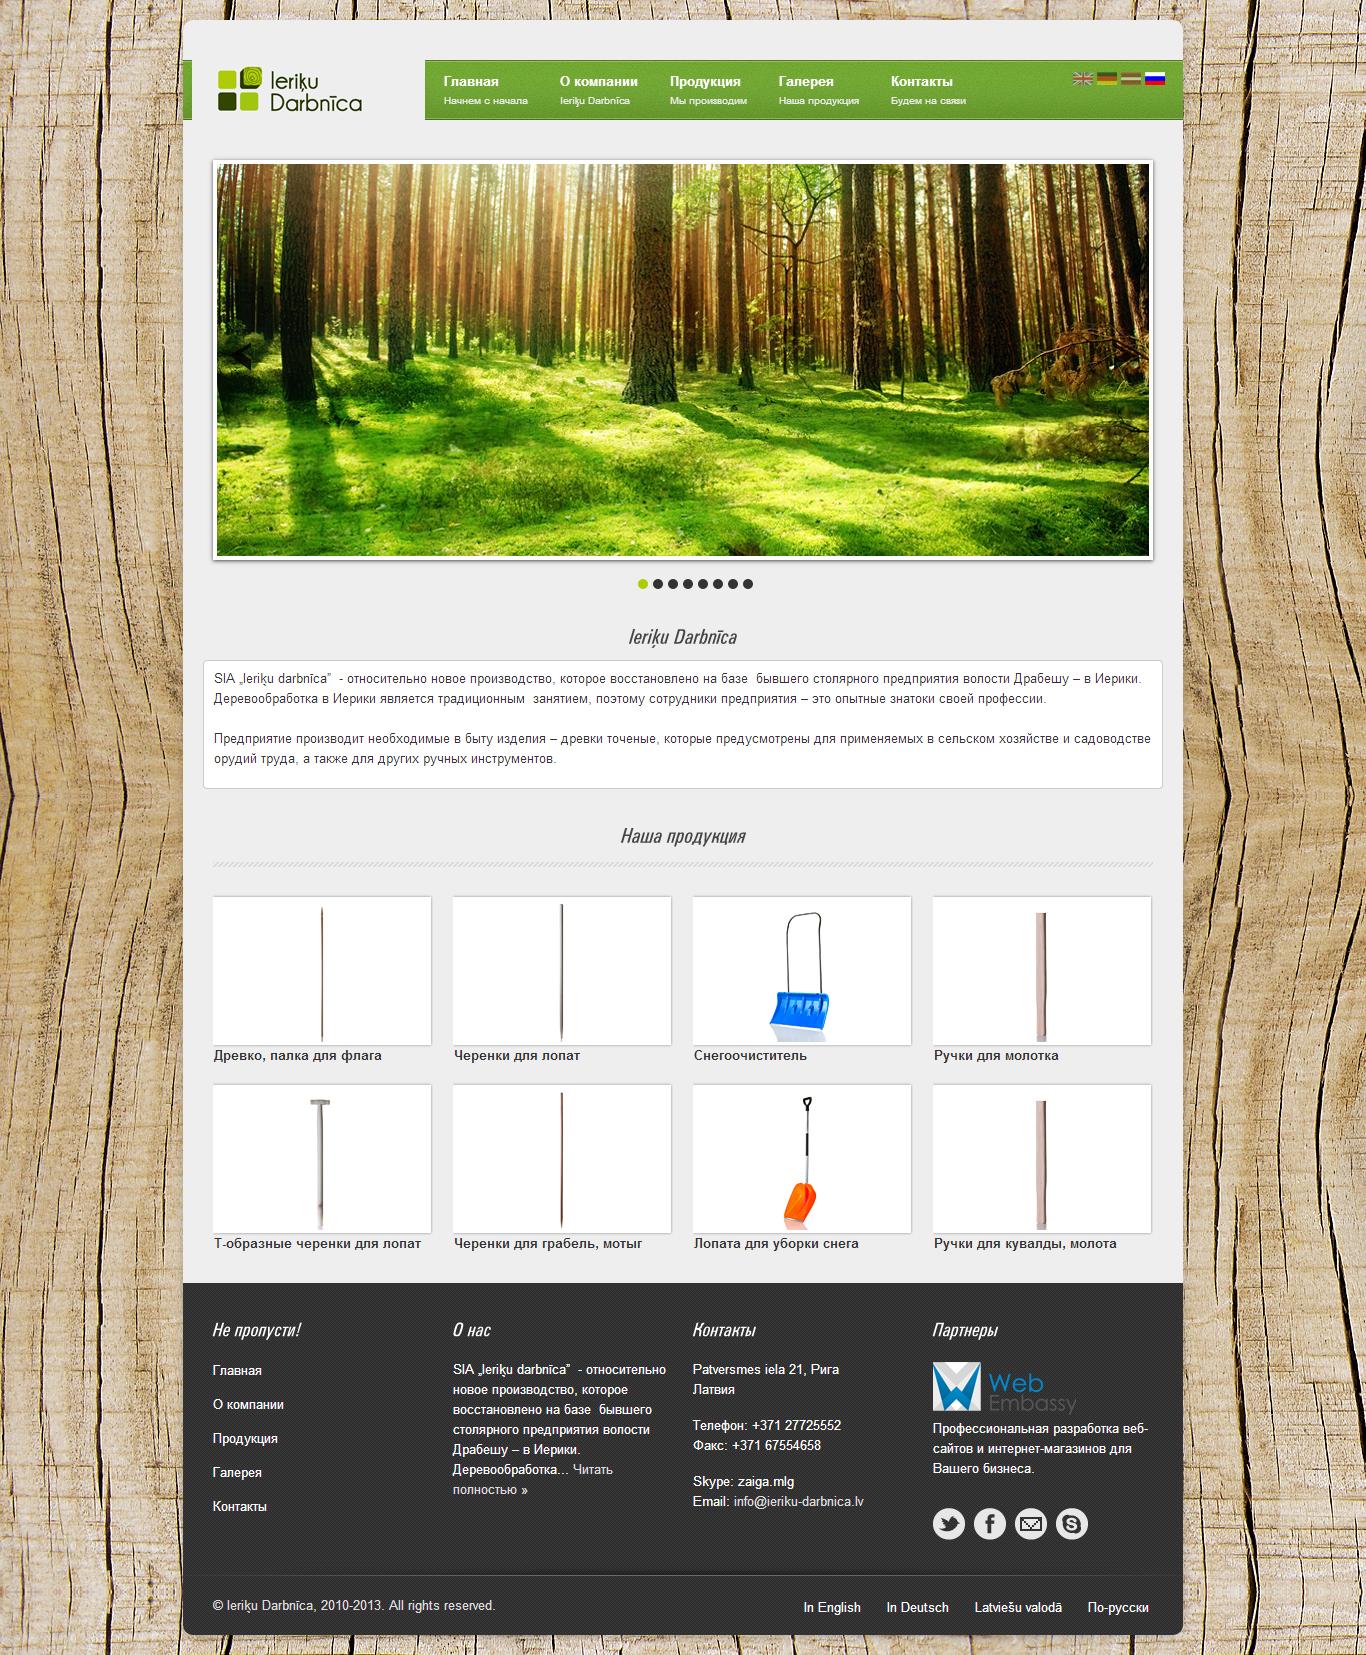 Разработка веб-сайта для компании Ieriķu Darbnīca. Веб-дизайн, оптимизация веб-сайта под планшетные и мобильные устройства.